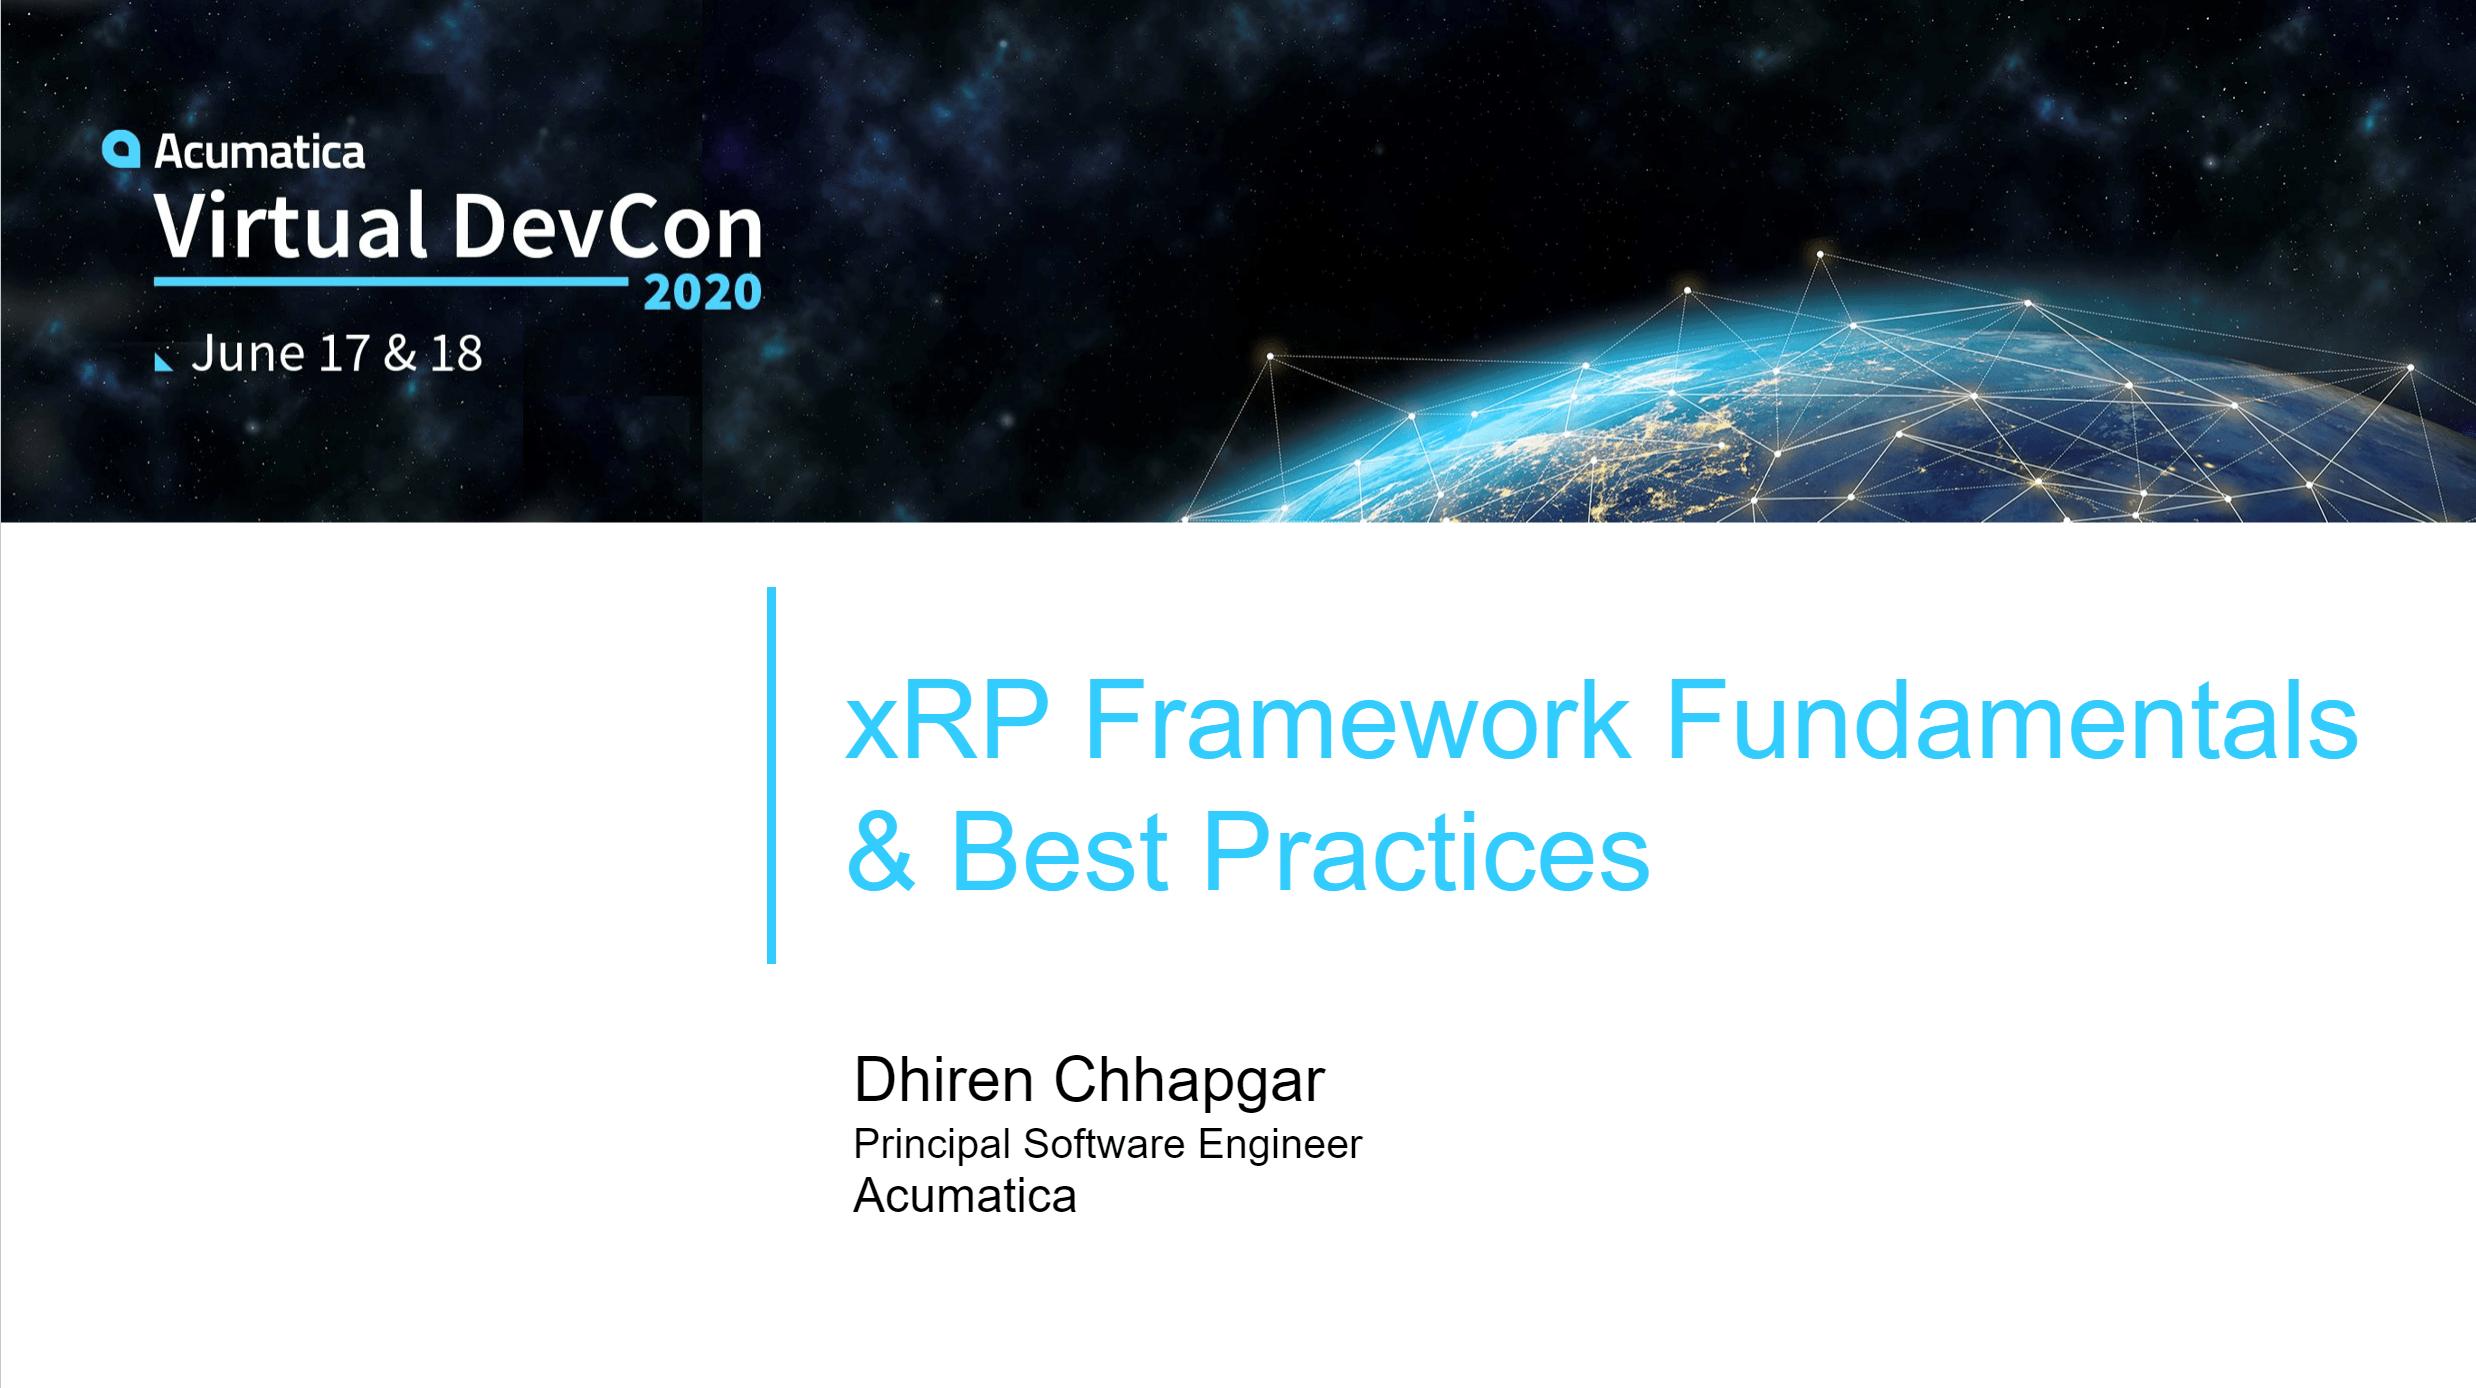 2020 DevCon - xRP Framework Fundamentals & Best Practices